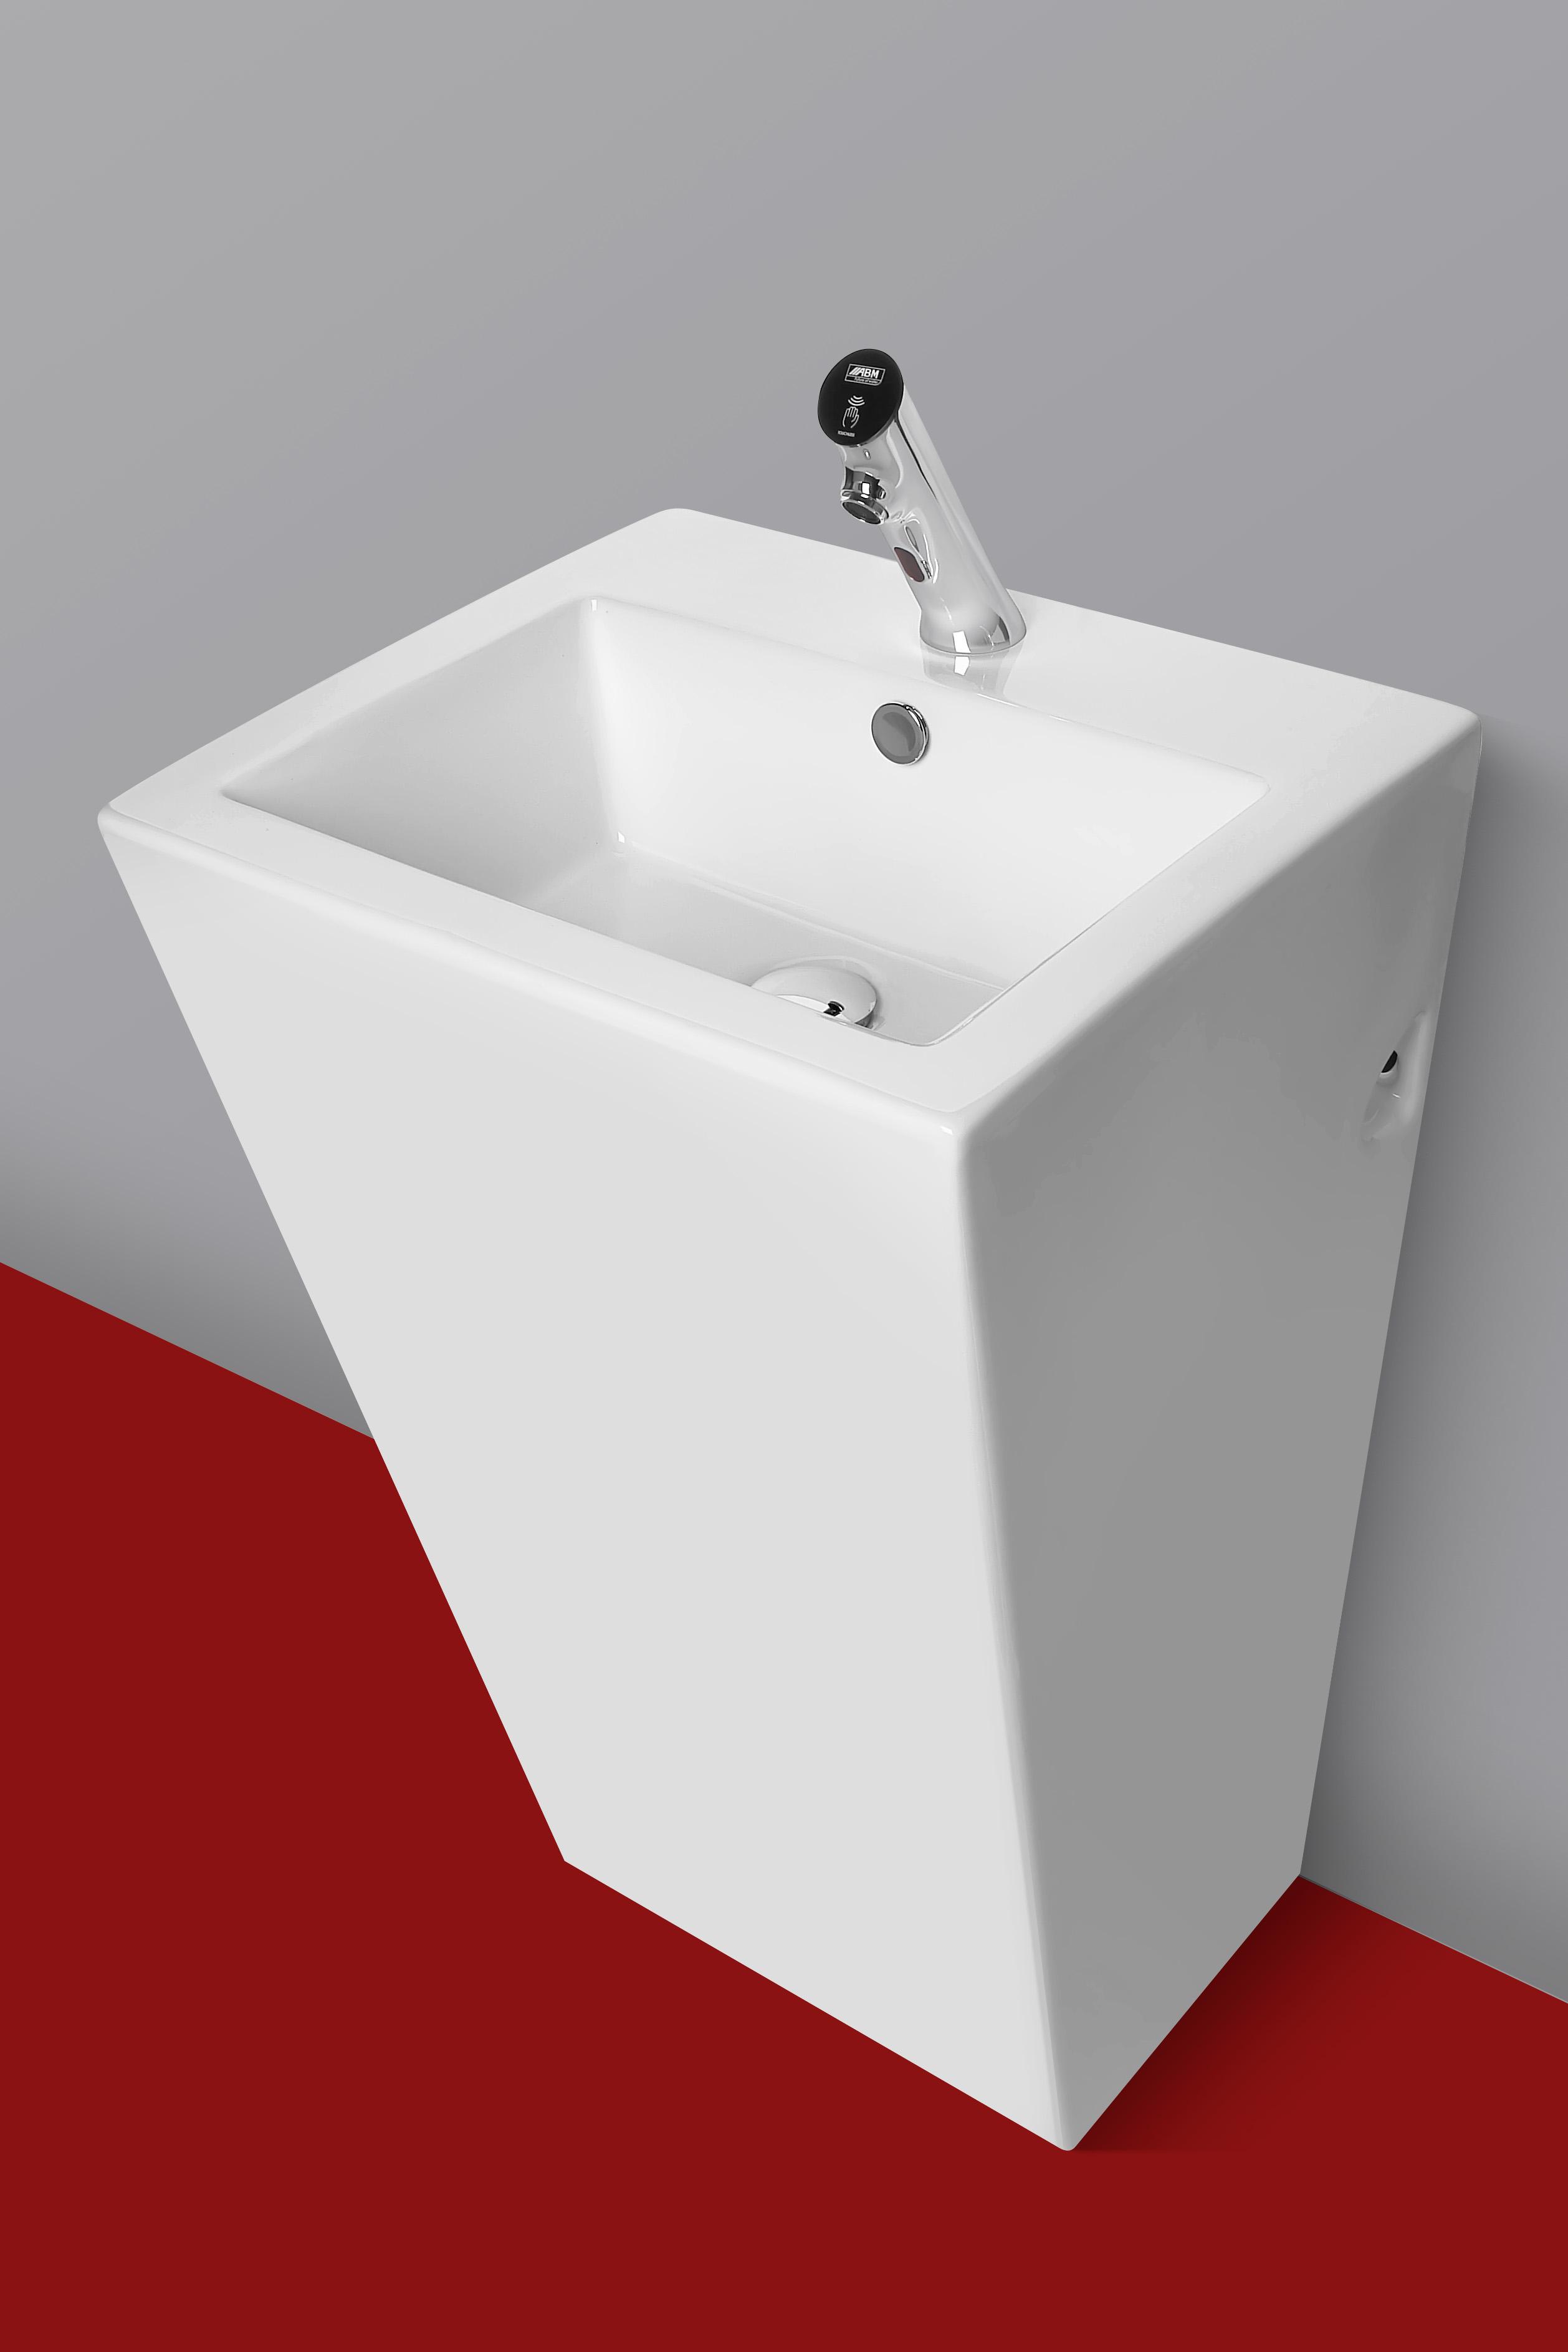 Design Waschbecken Stand Waschtisch Standwaschbecken .